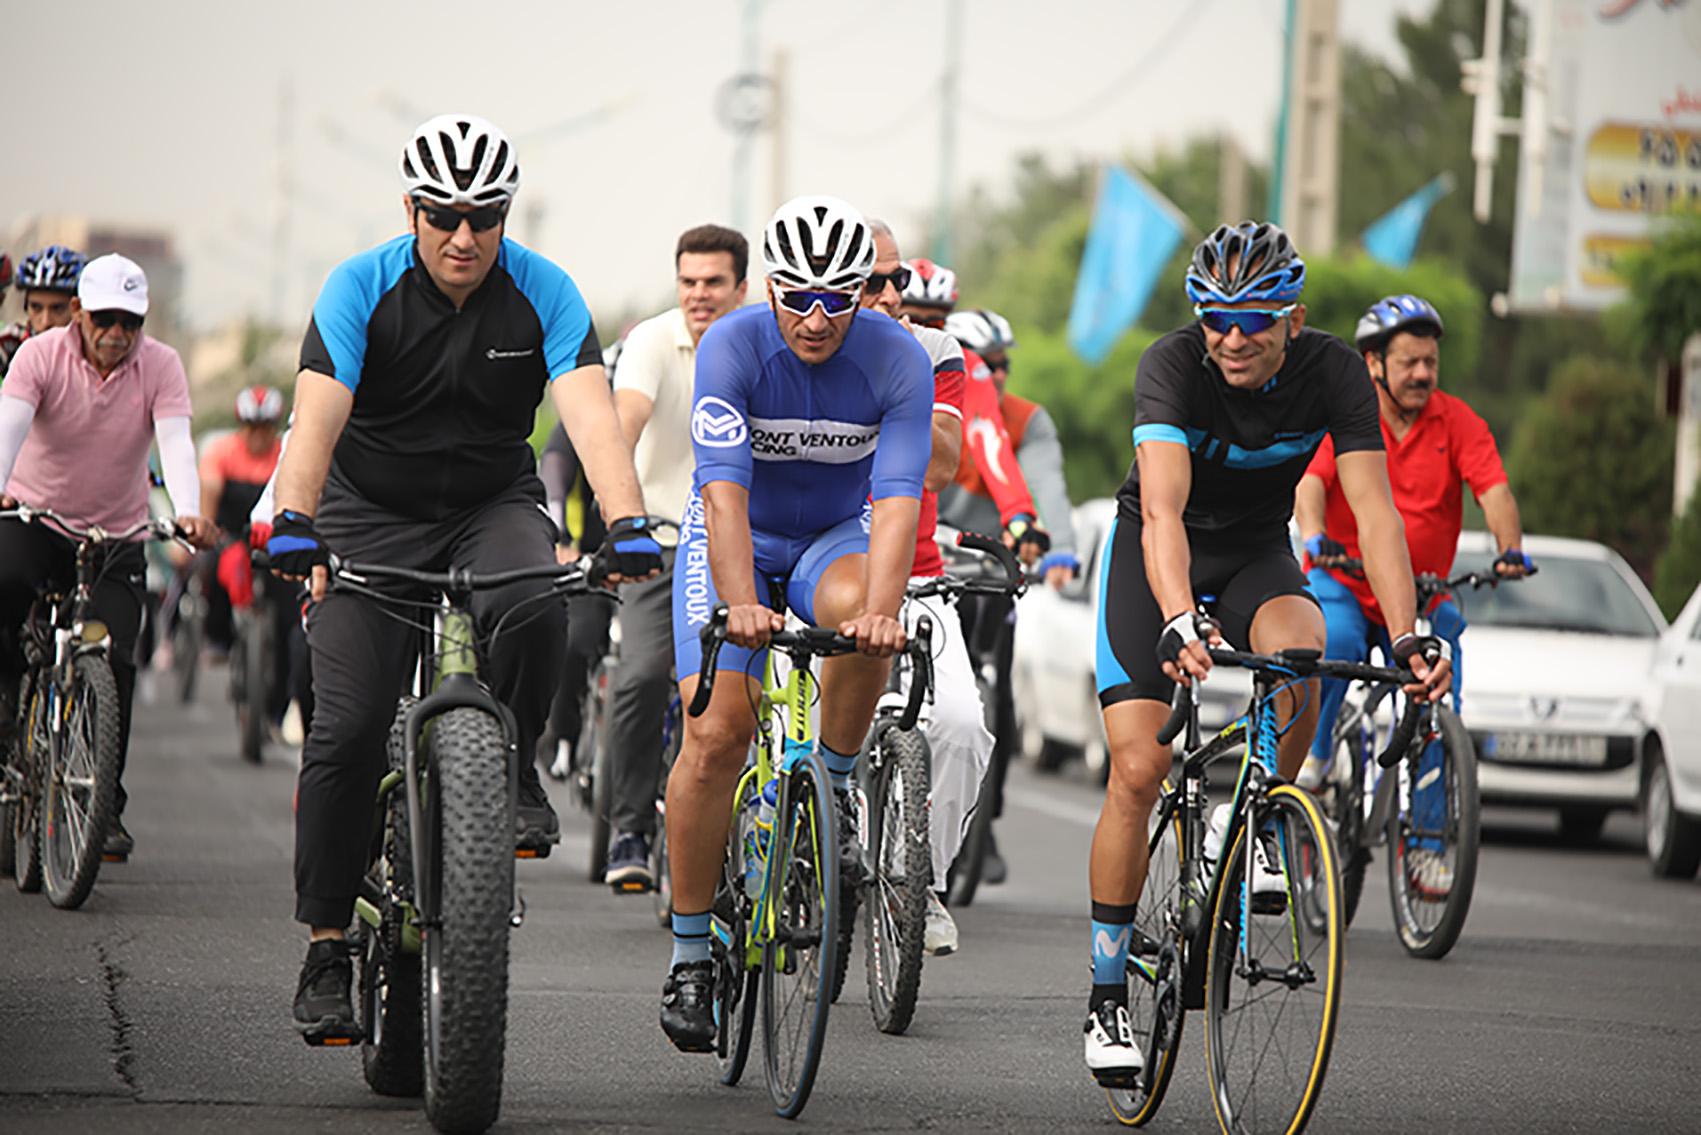 مسابقات دوچرخه سواری جایزه بزرگ لغو شد